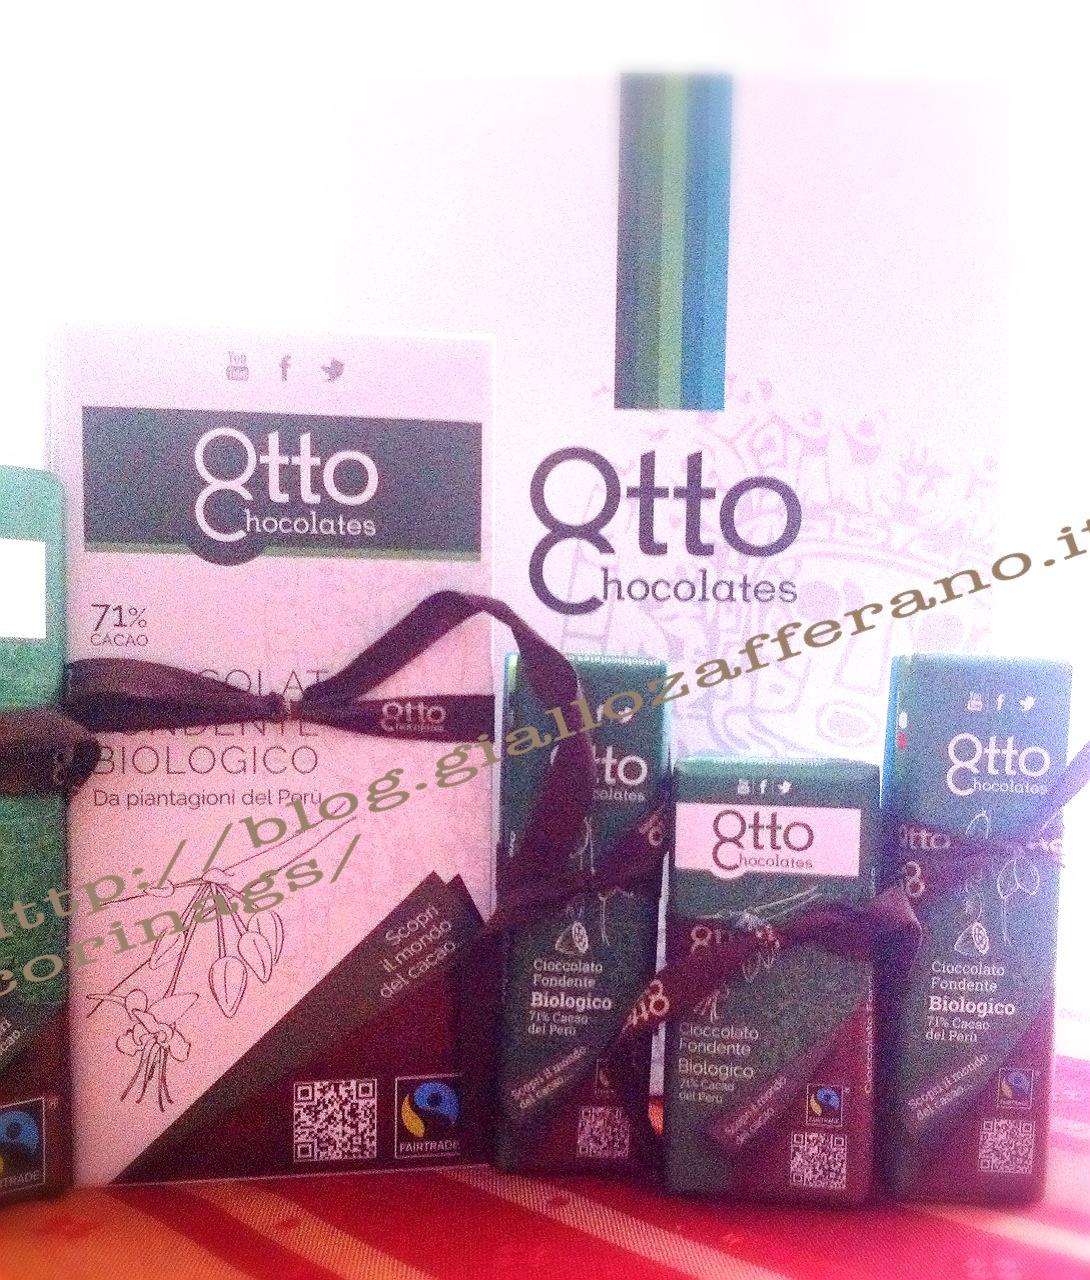 cioccolato sano otto chocolates